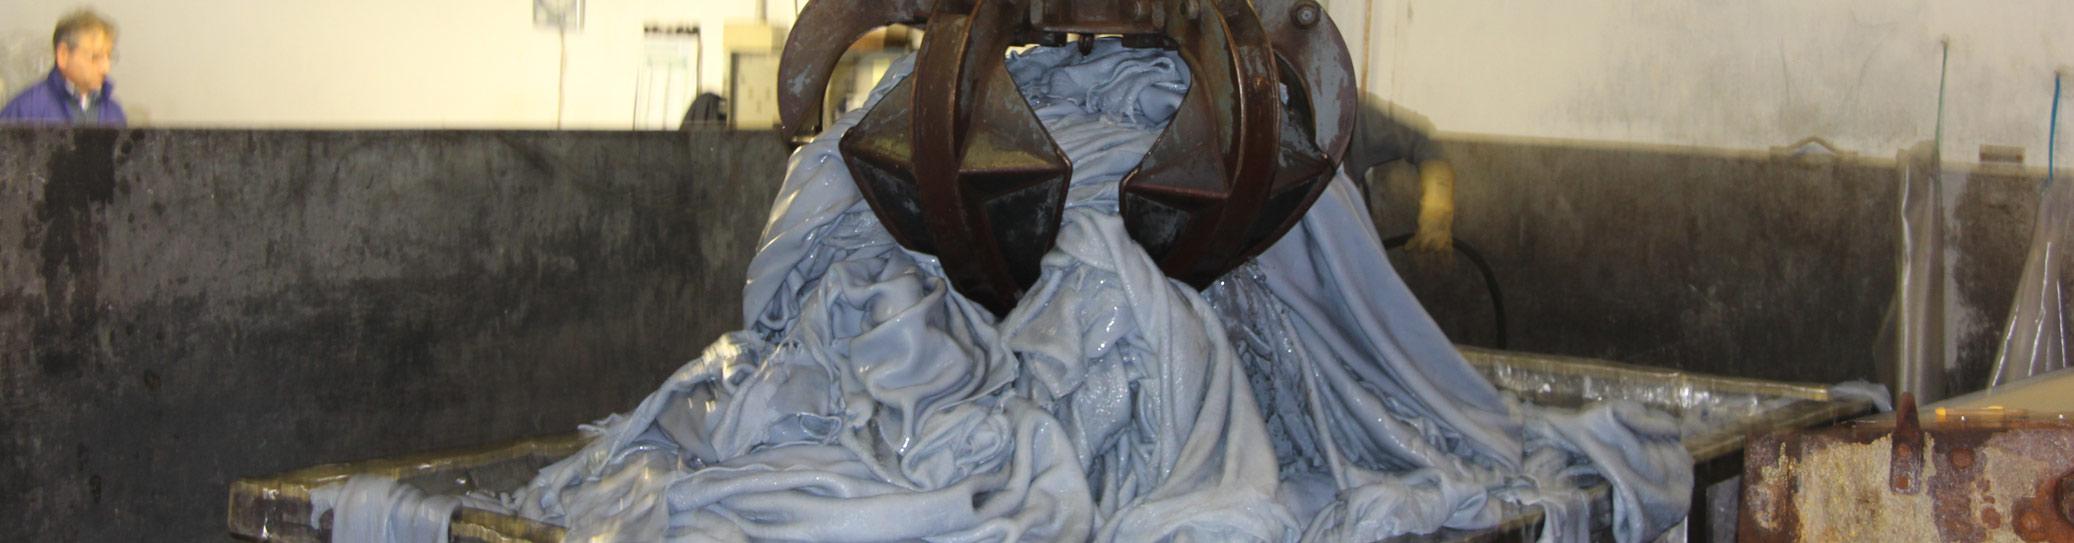 wet blue hides